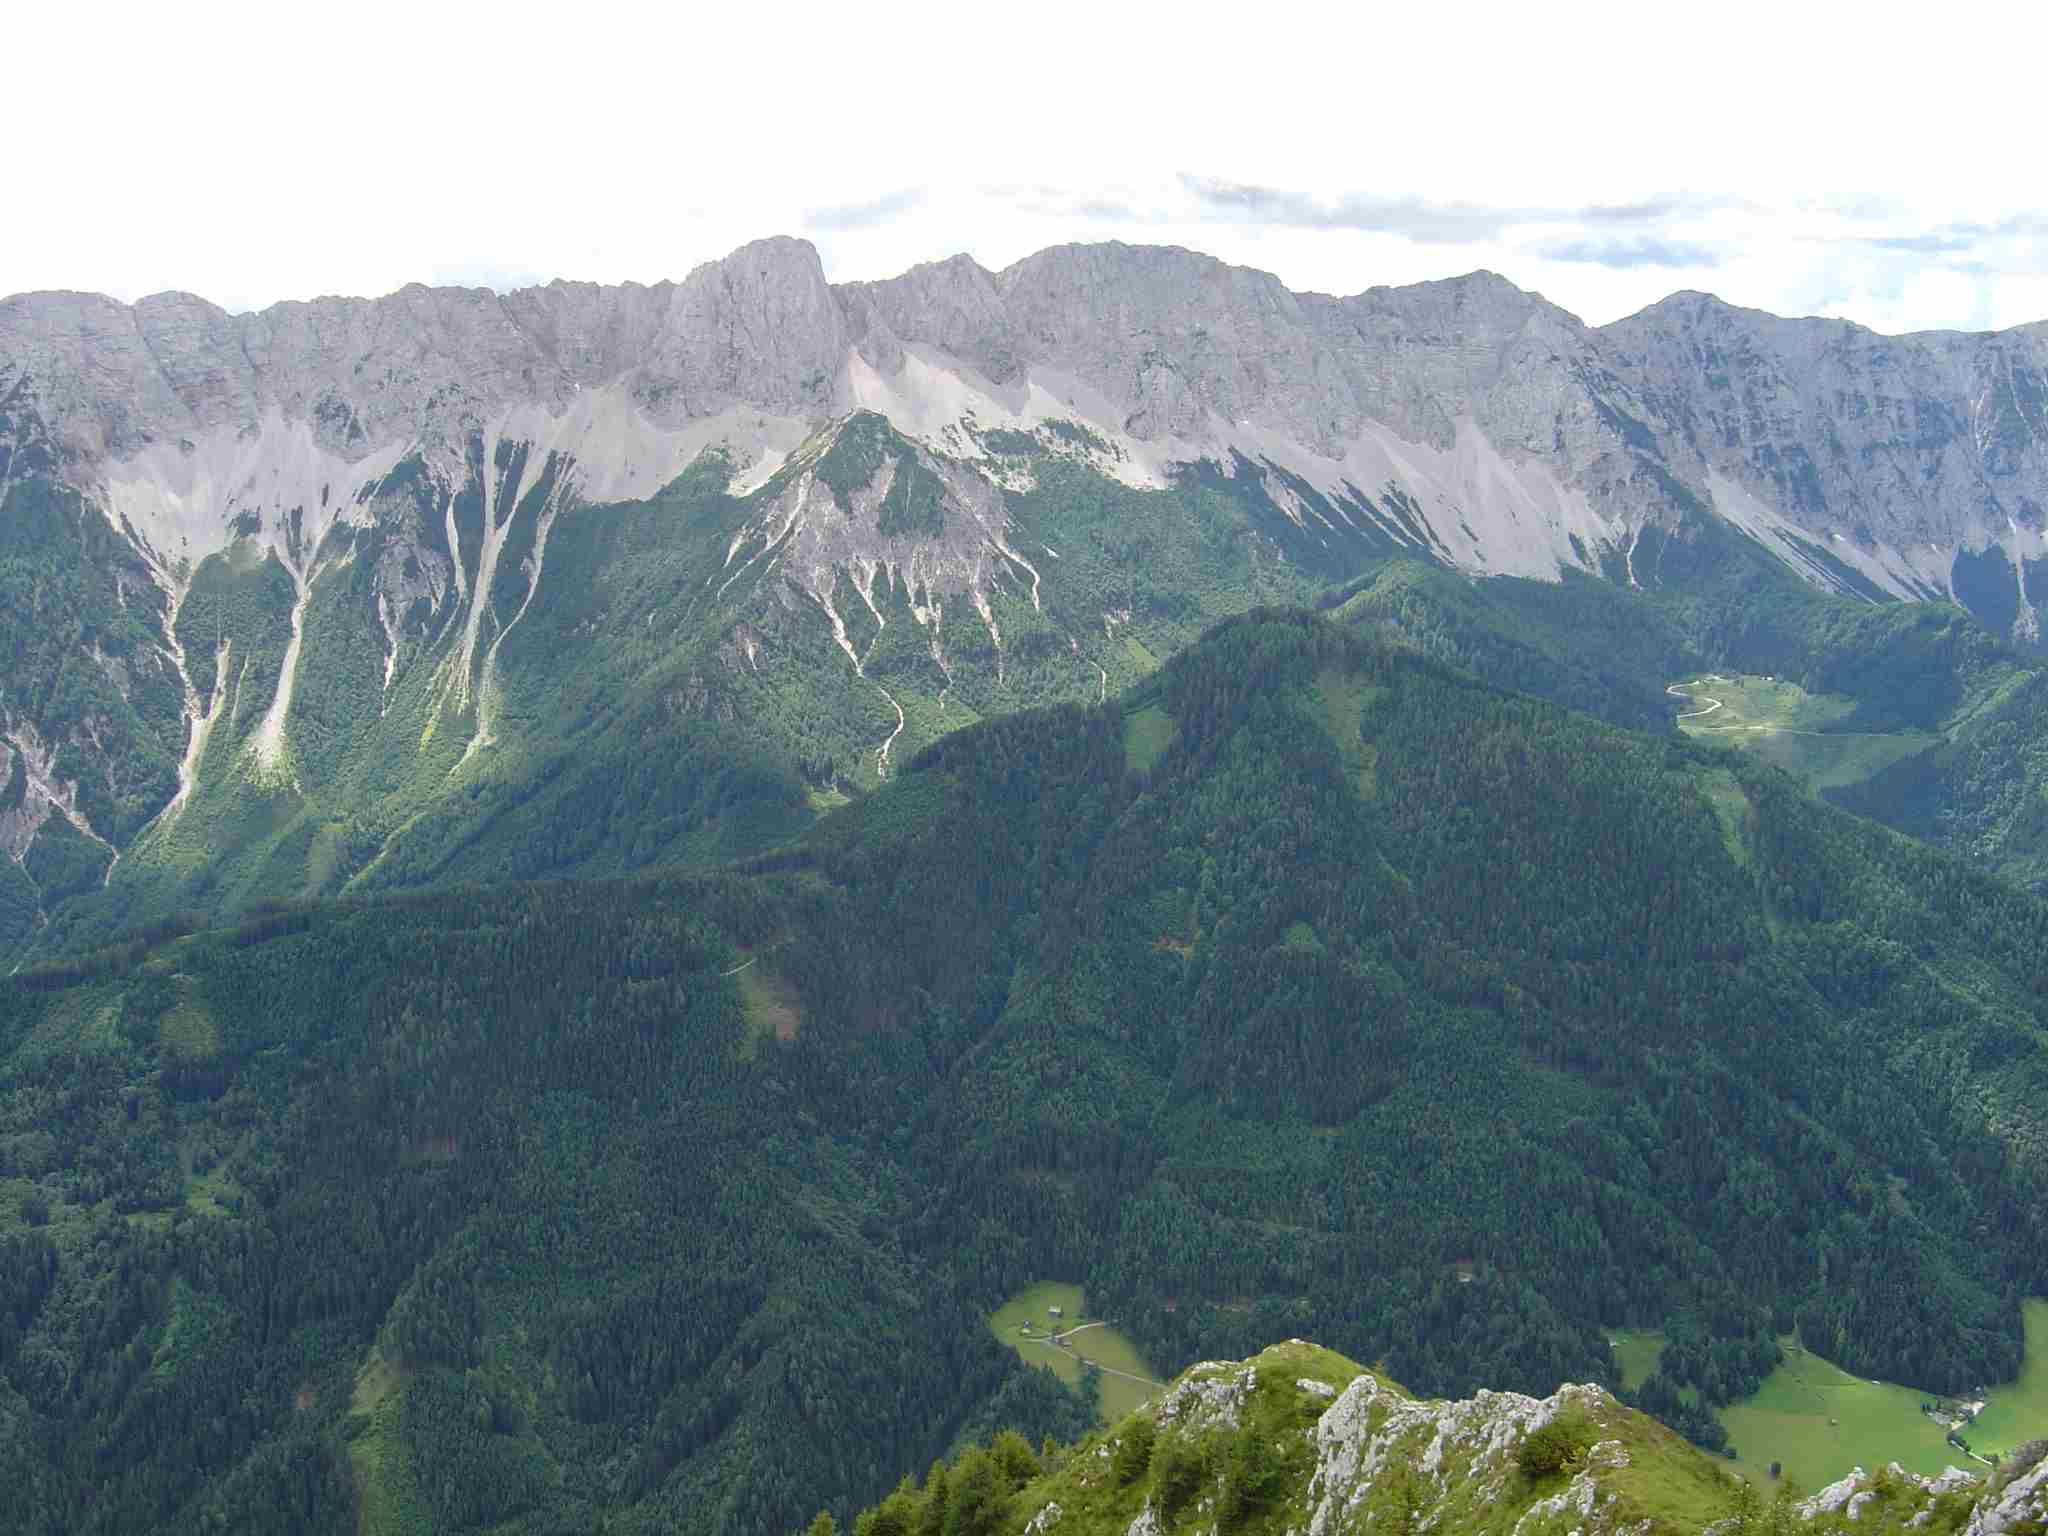 Foto: Manfred Karl / Wander Tour / Freiberg (Setitsche), 1923 m / Vom Freiberg ist der Kamm der Koschuta mit dem markanten Koschutnikturm besonders schön überschaubar. / 05.05.2007 18:27:50